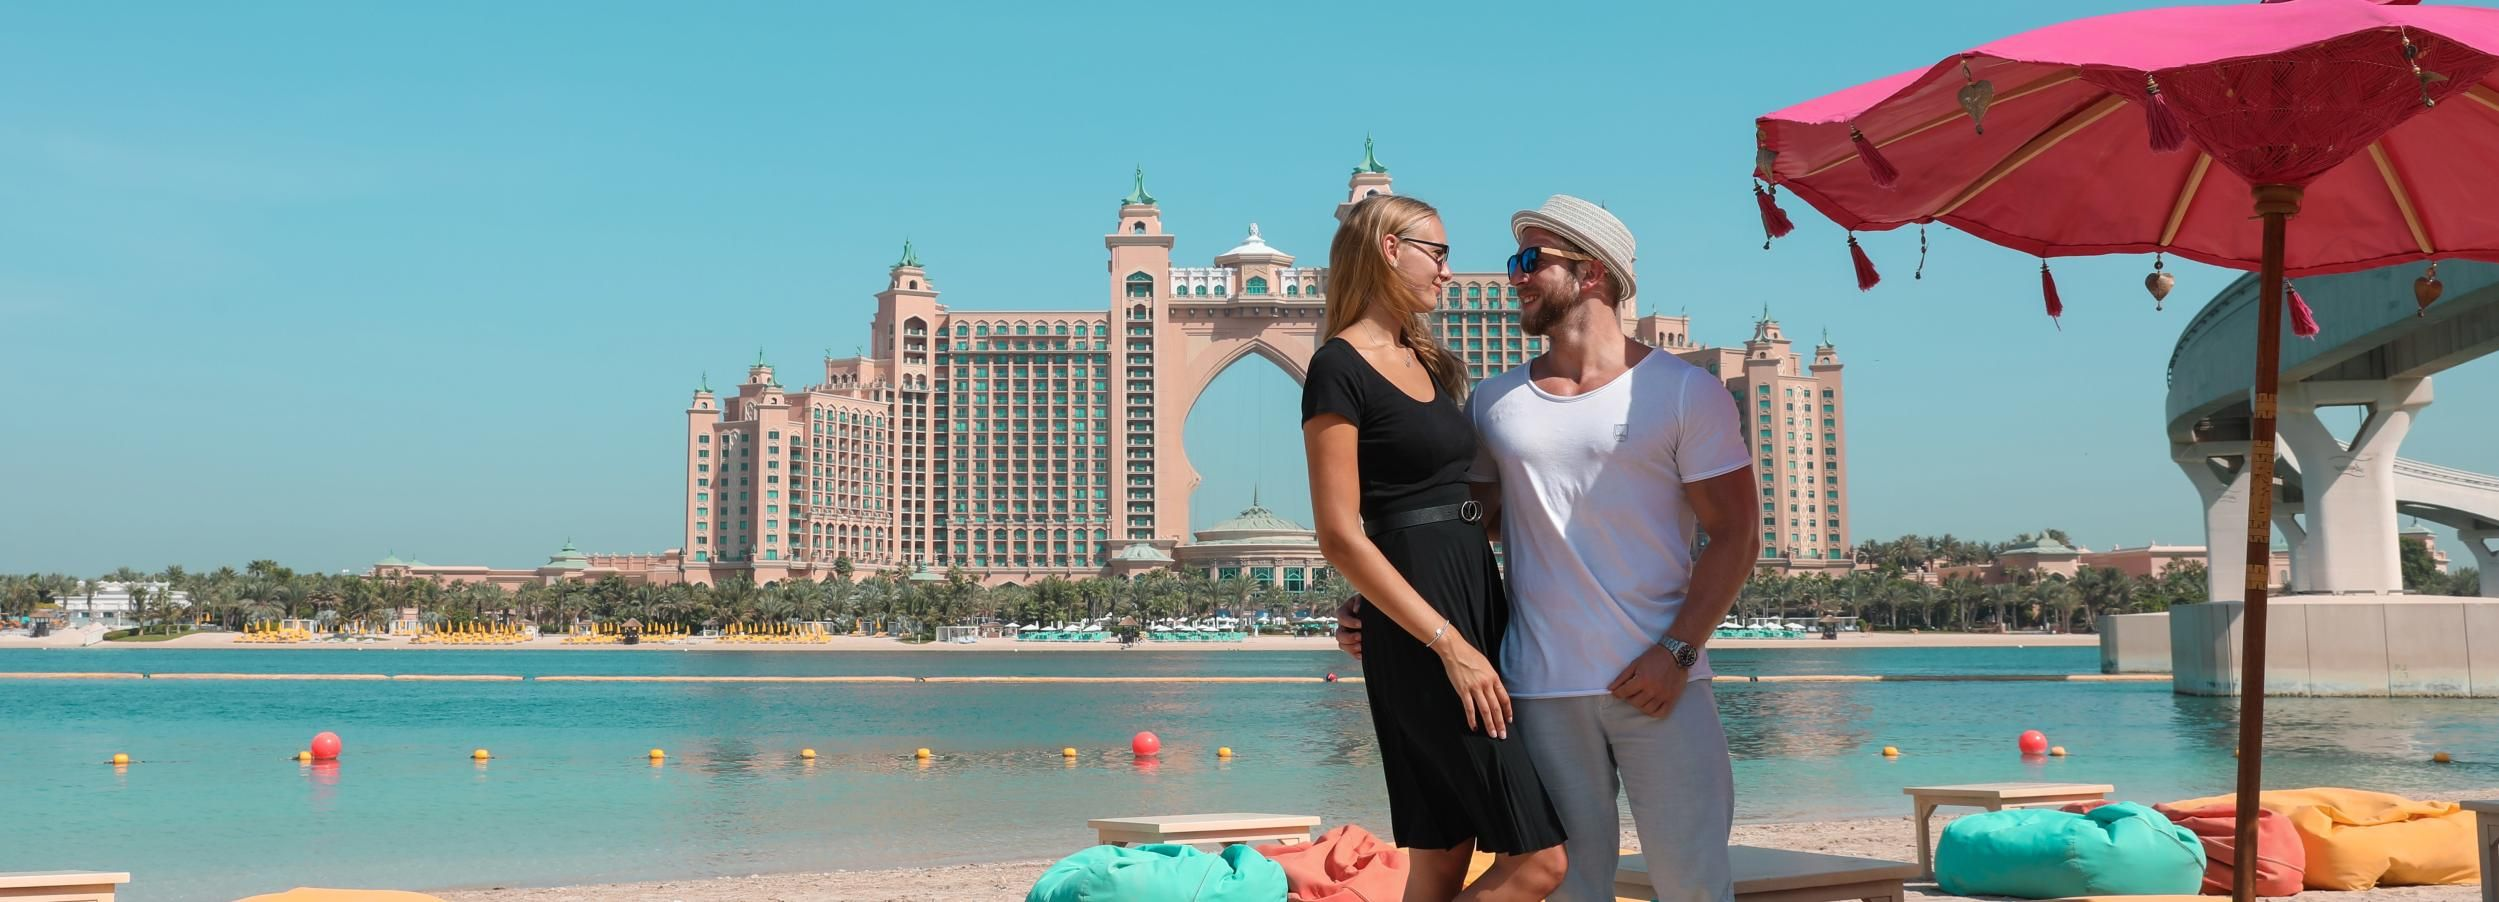 Dubái: tour compartido de 5 horas con fotógrafo profesional